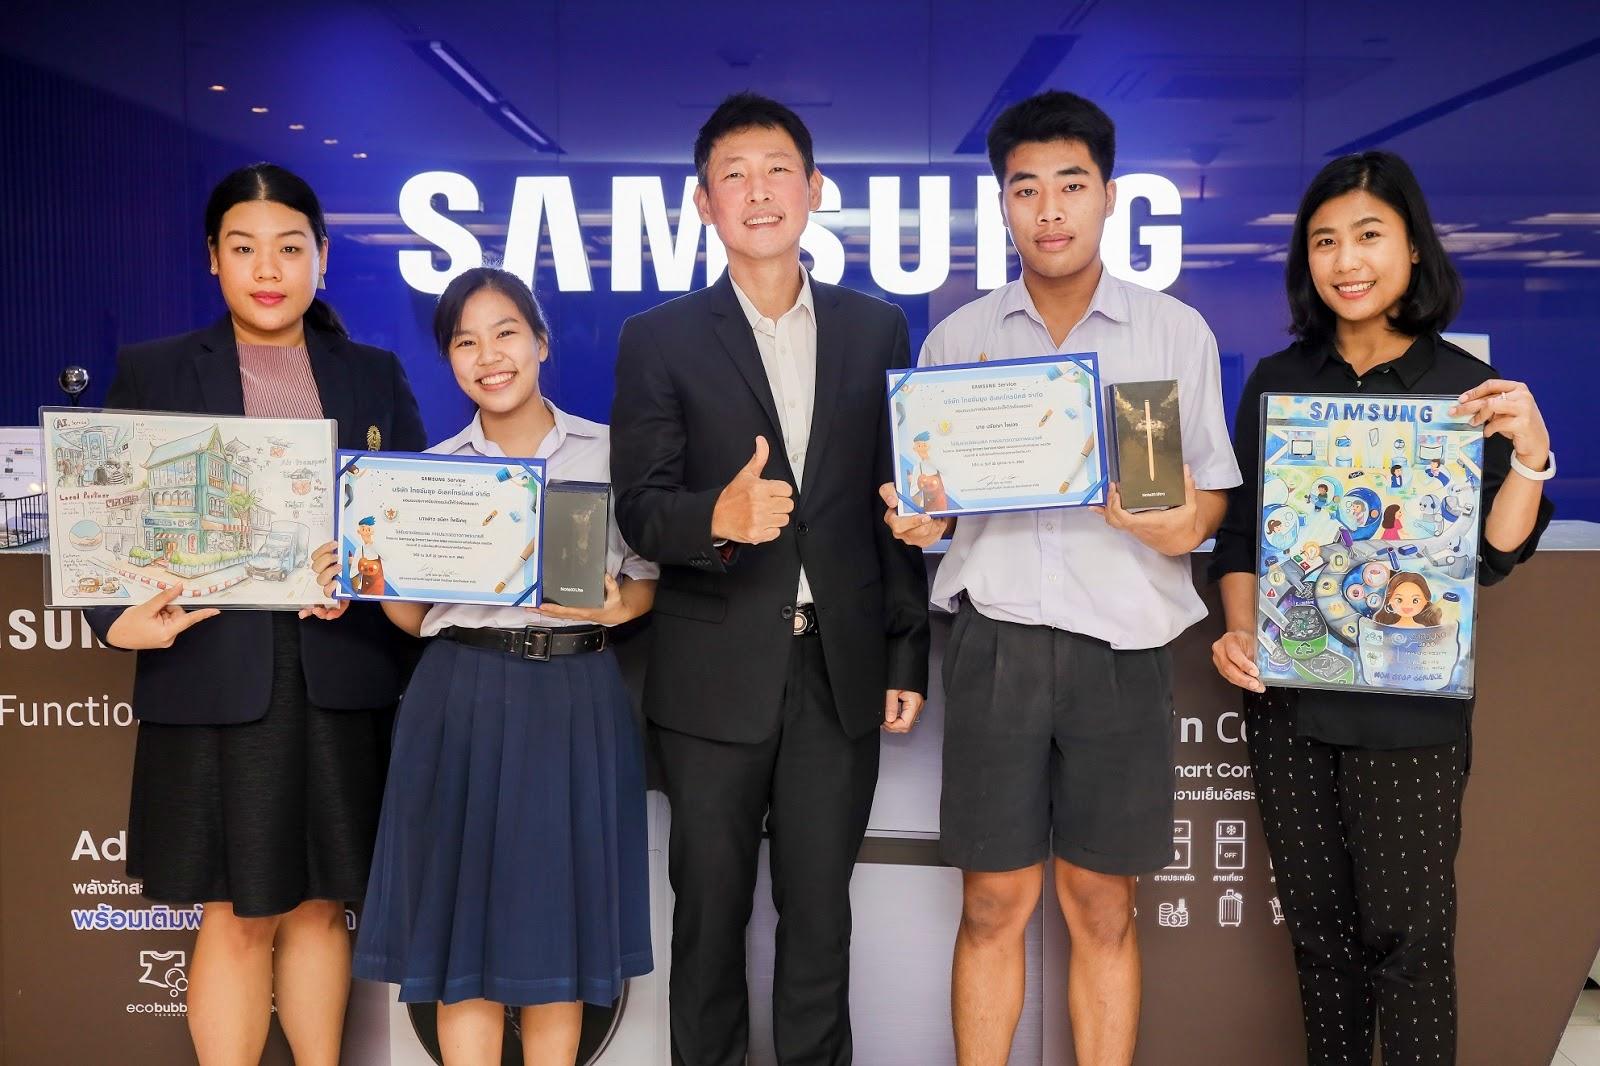 """Samsung เสริมพลังแห่งจินตนาการเยาวชนรุ่นใหม่ในโครงการ """"Samsung Smart Service Idea"""" พัฒนาไอเดียงานบริการผ่านภาพวาด"""